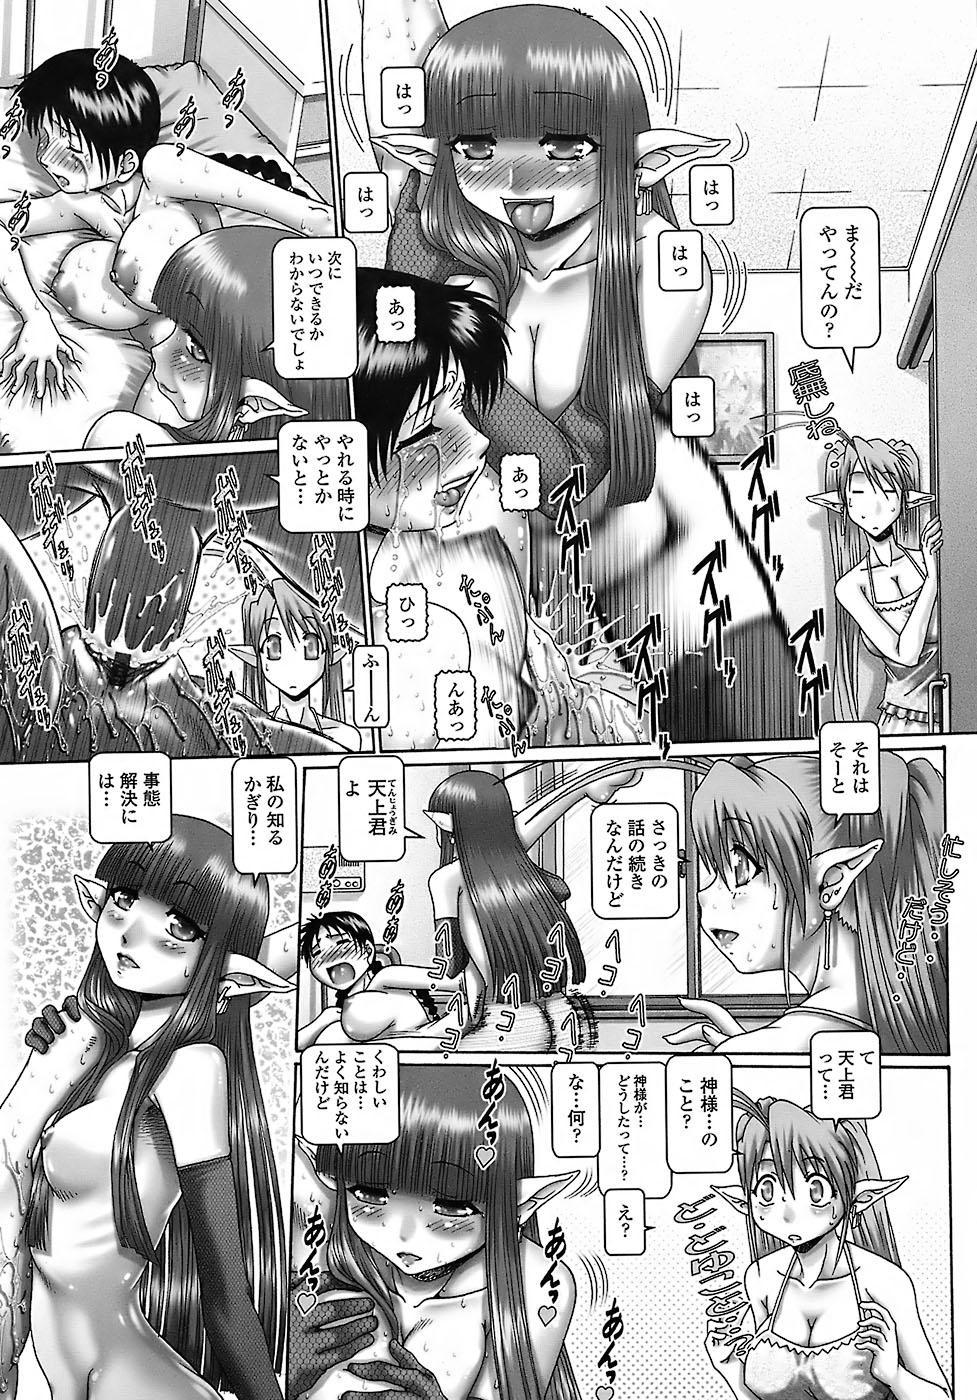 Tenshi no Shizuku 81